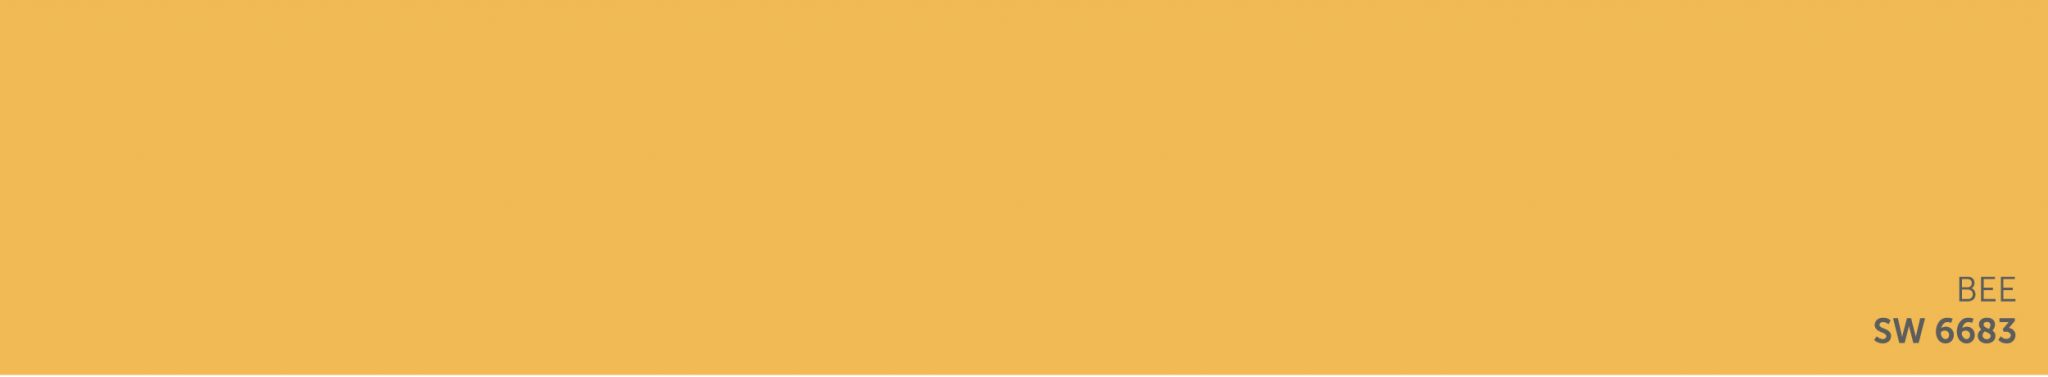 Colores CTNL Diciembre-03